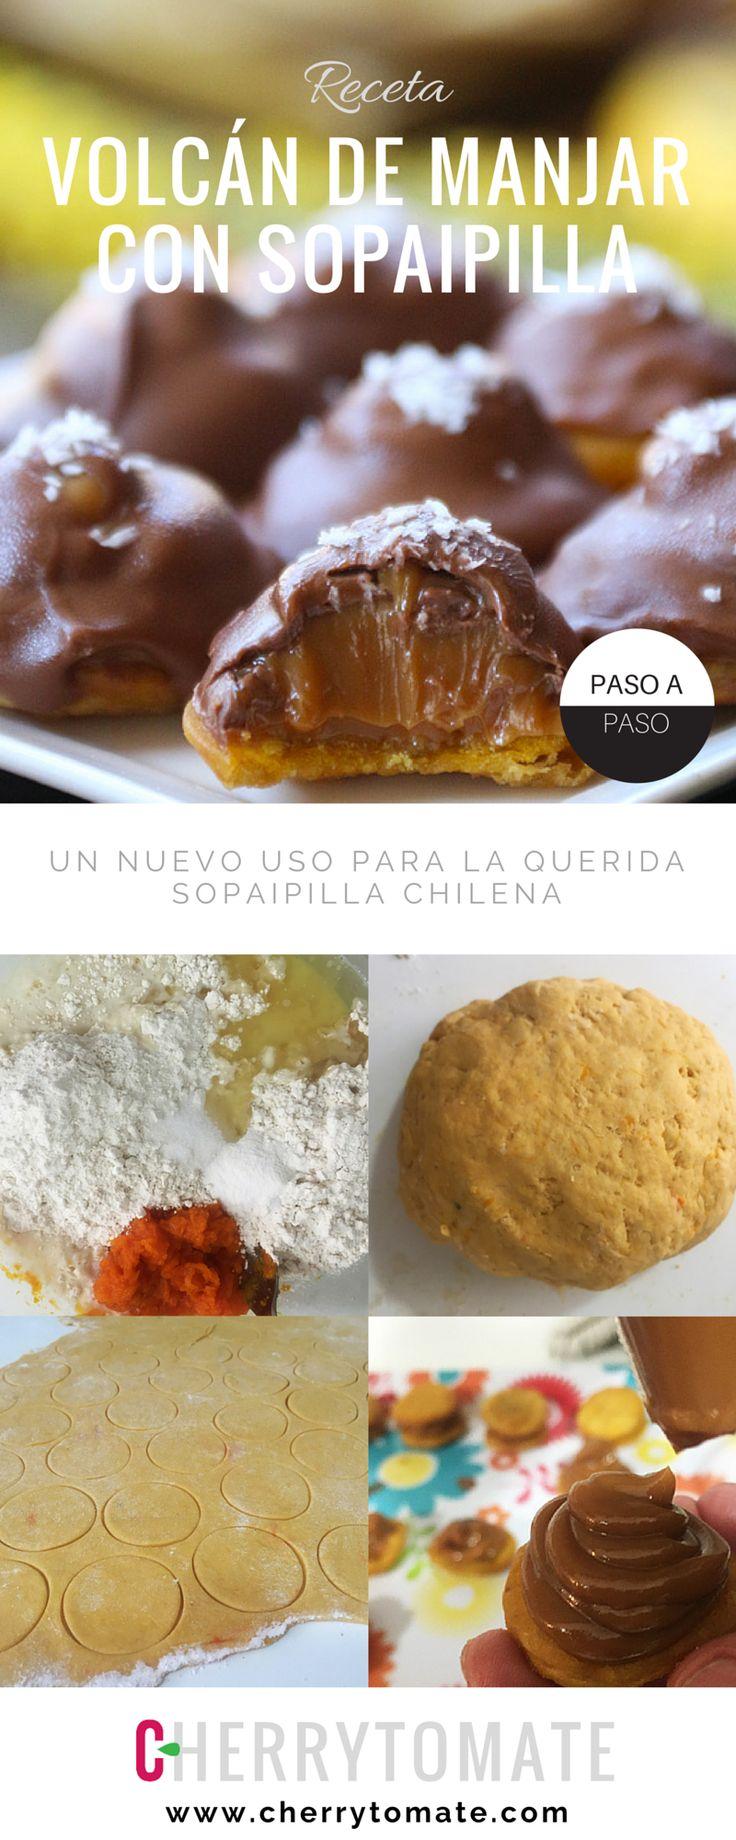 Receta de Volcán de Manjar con base de Sopaipilla bañado en Chocolate - Un nuevo uso para la querida sopaipilla chilena - Receta típica chilena